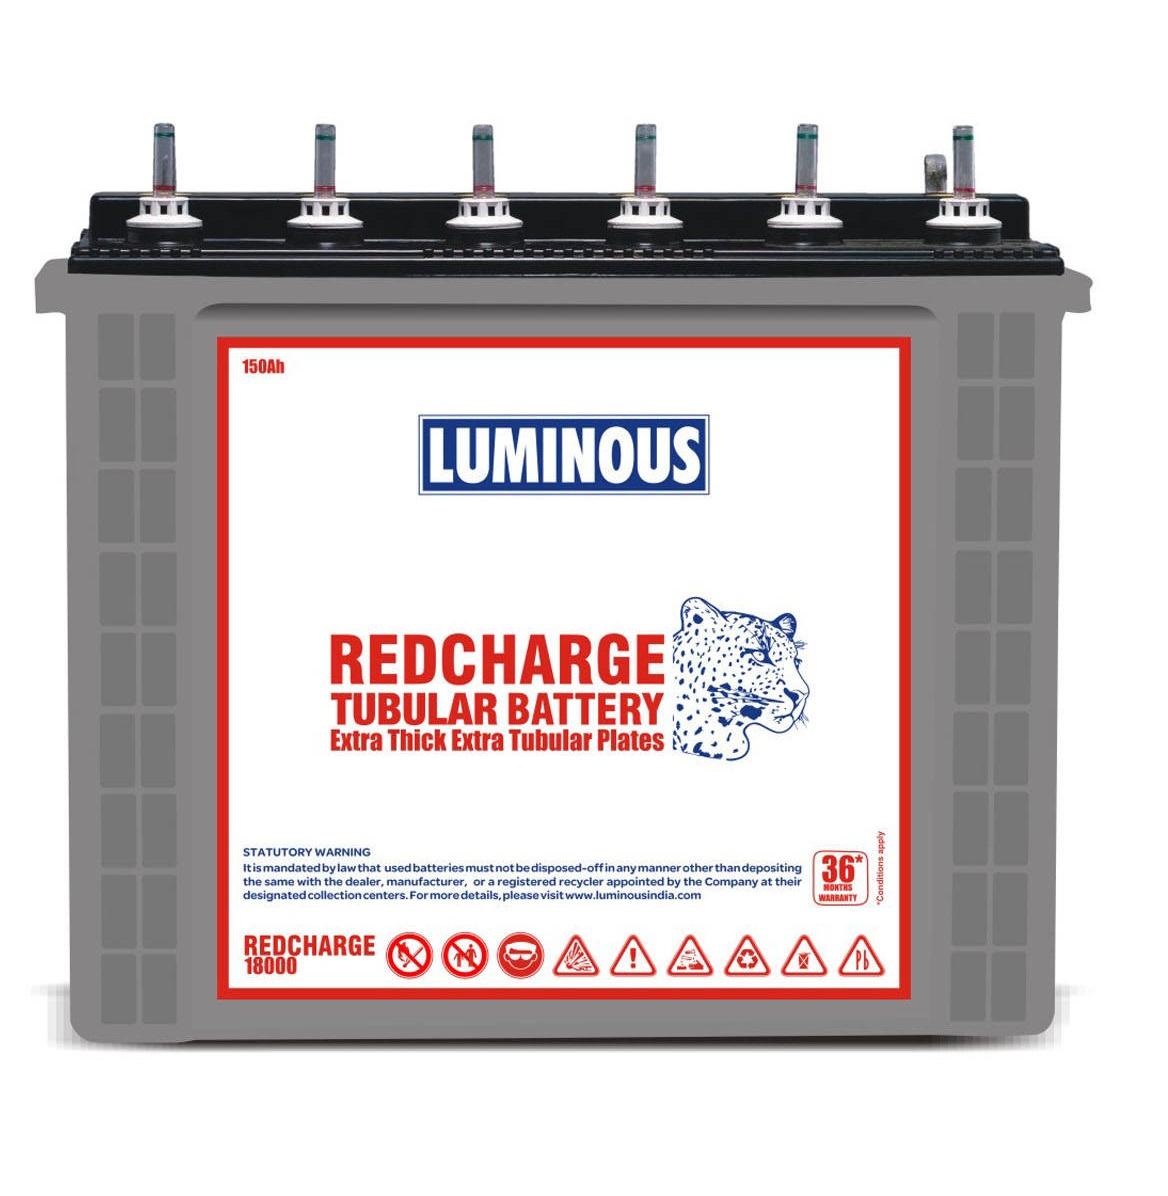 Luminous RC 18000